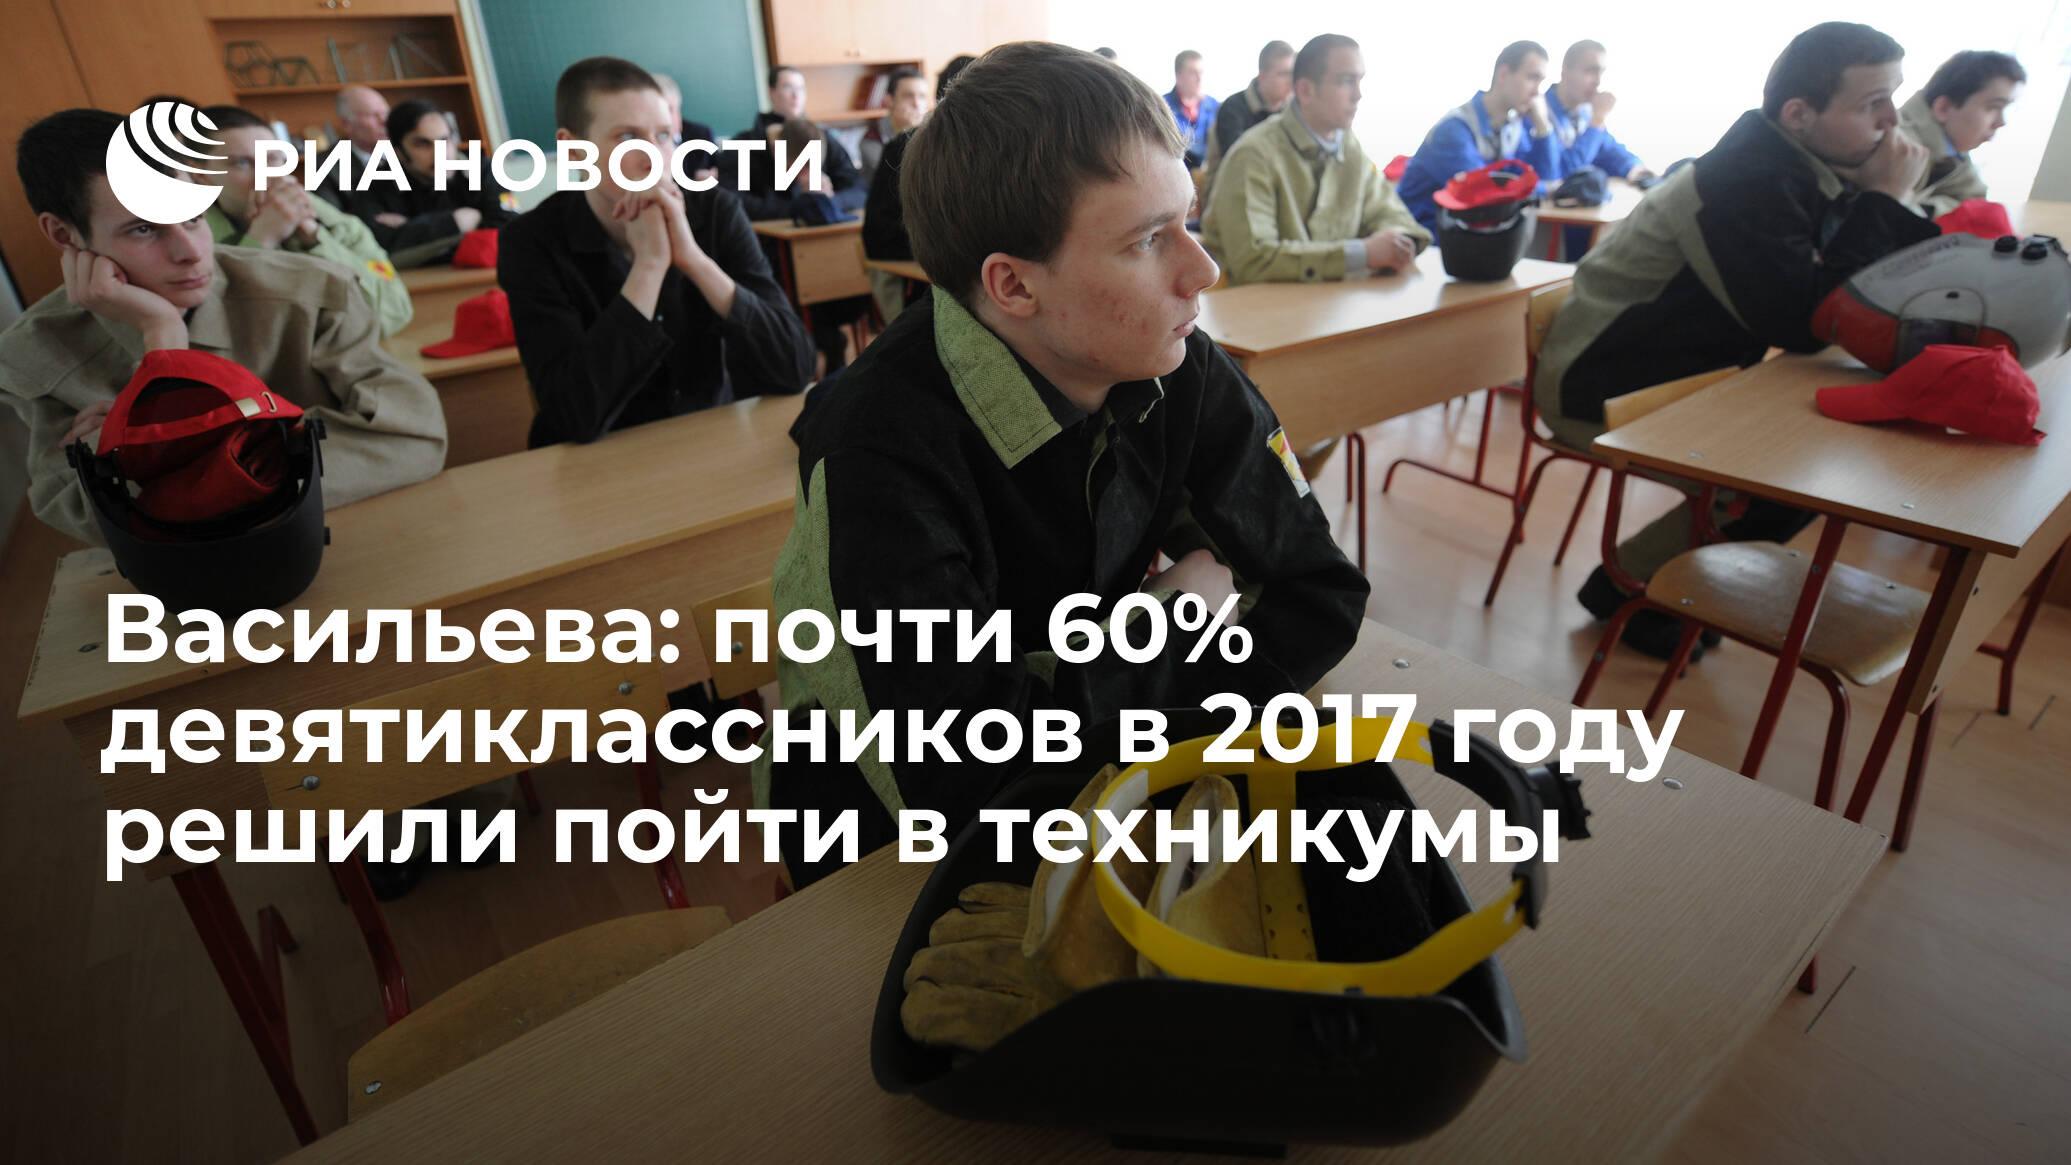 Васильева: почти 60% девятиклассников в 2017 году решили пойти в техникумы